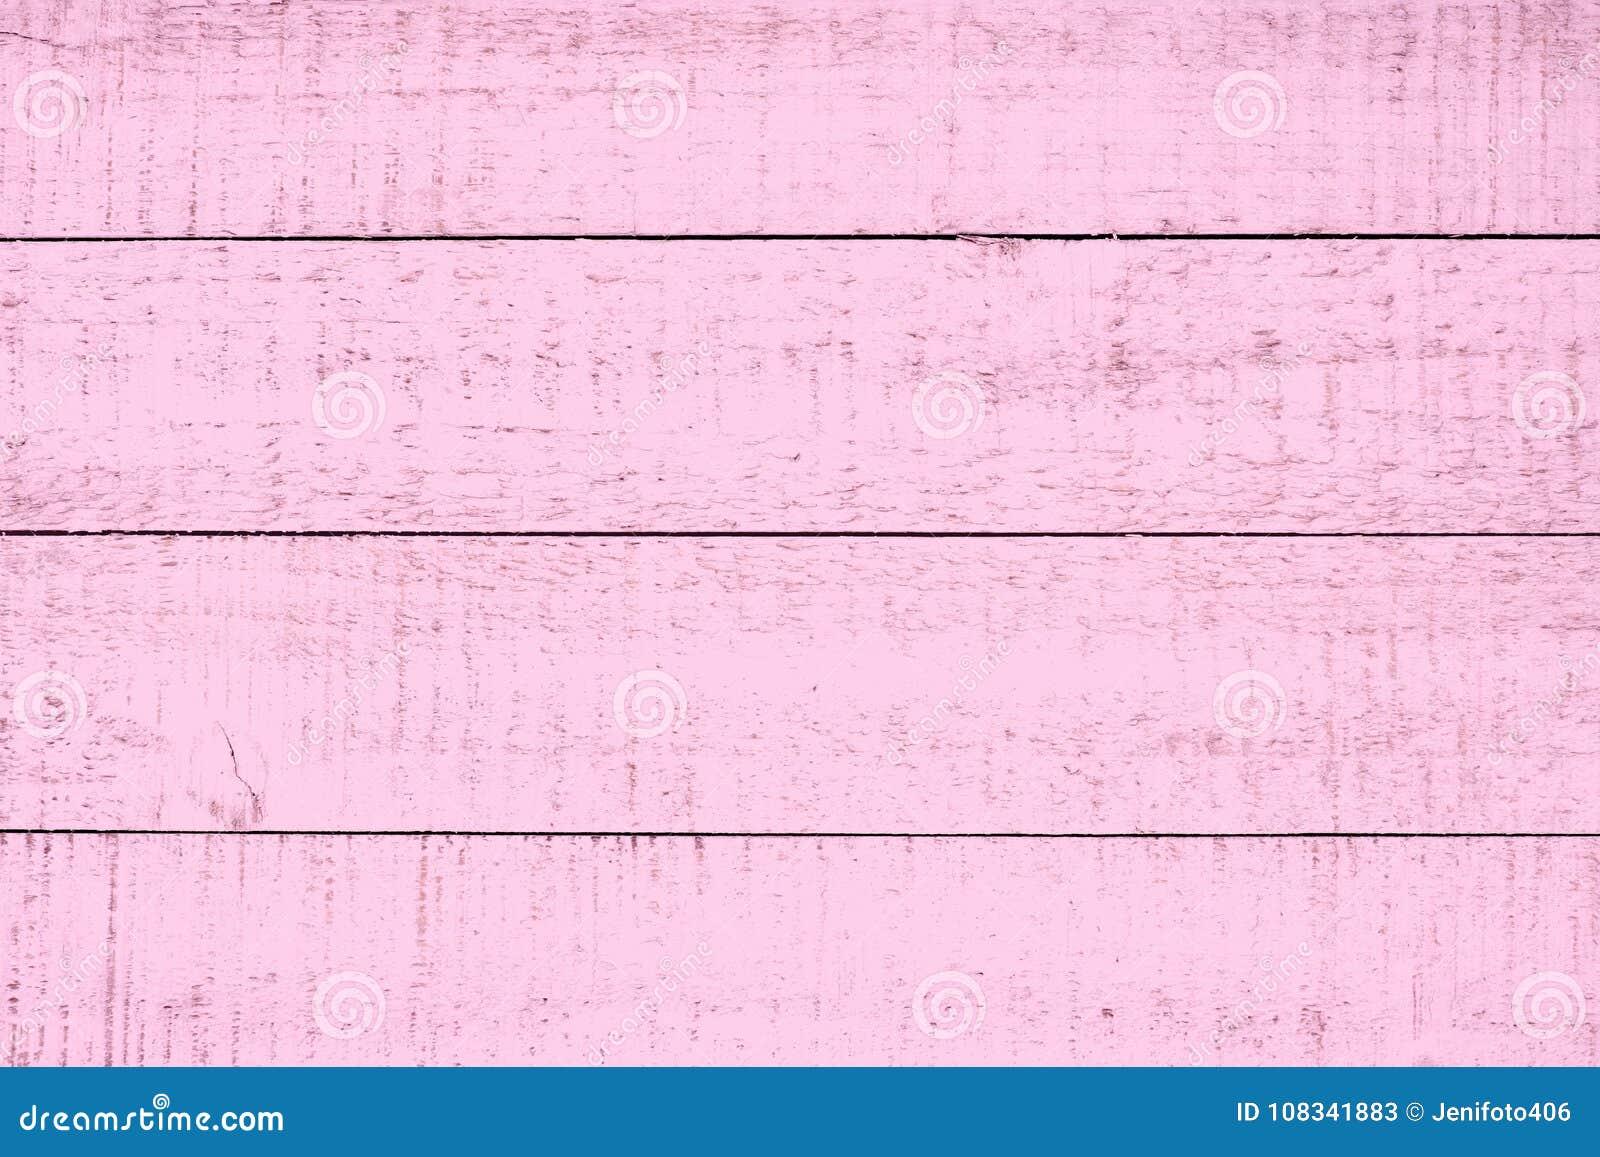 Fondos De Pantalla Rosas Tablones De Madera Rosa Color: Fondos De Madera De Rosa En Colores Pastel Grunge